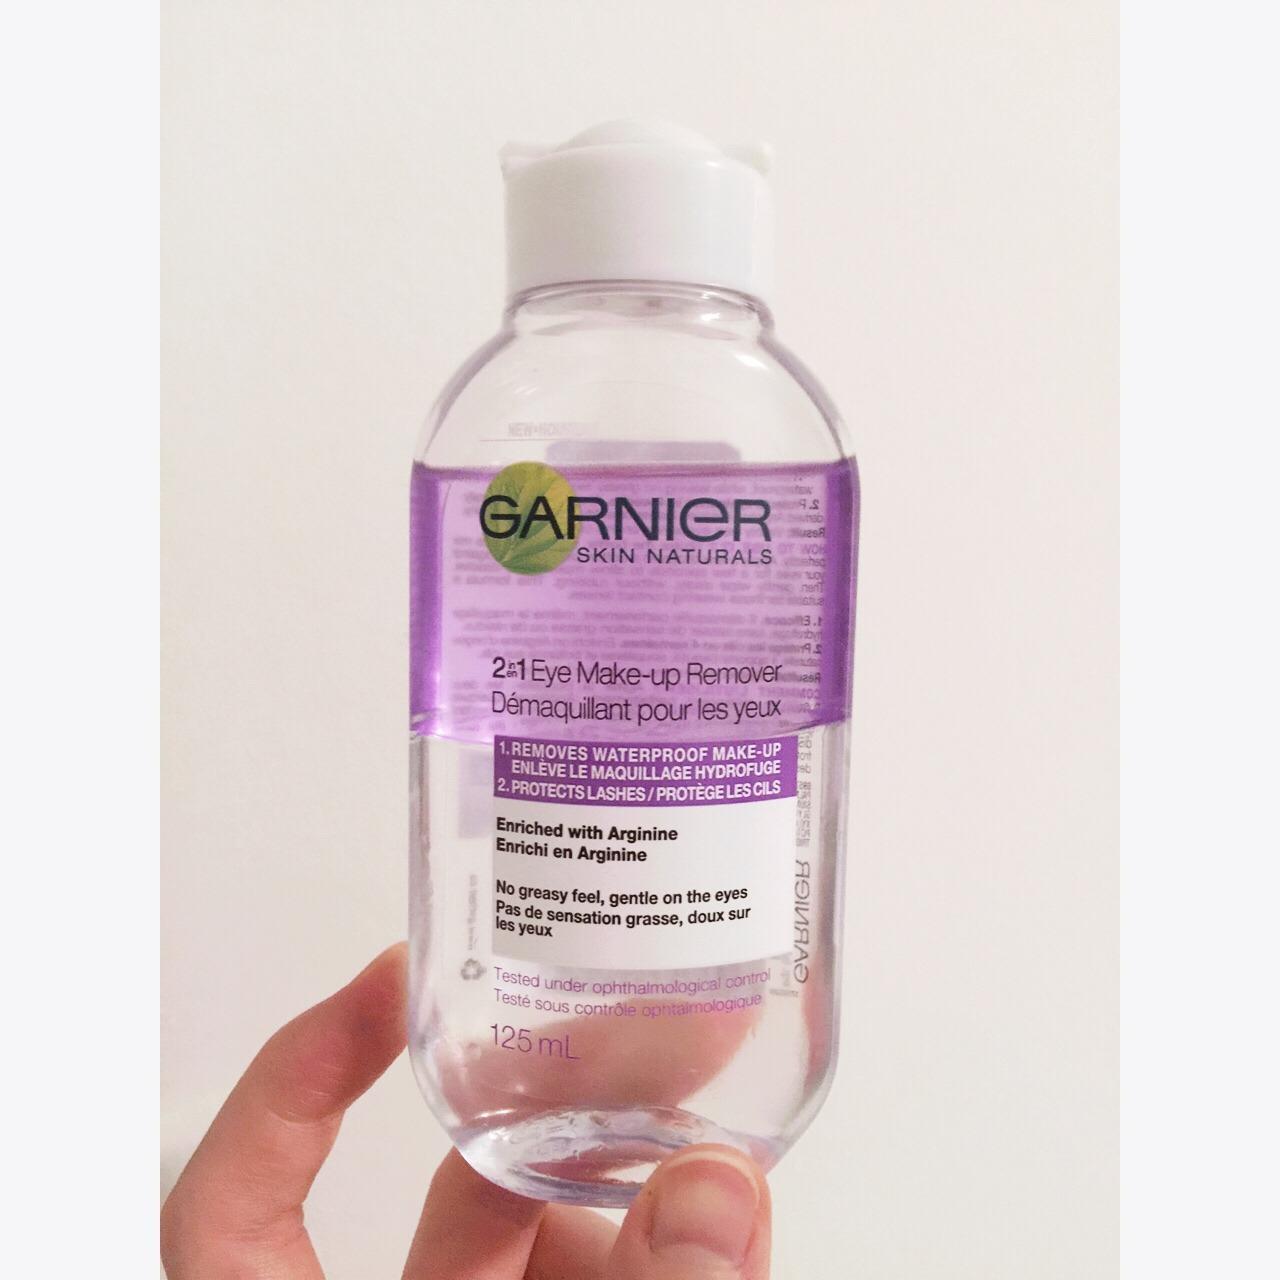 卡尼尔 水油分离卸妆水.jpg